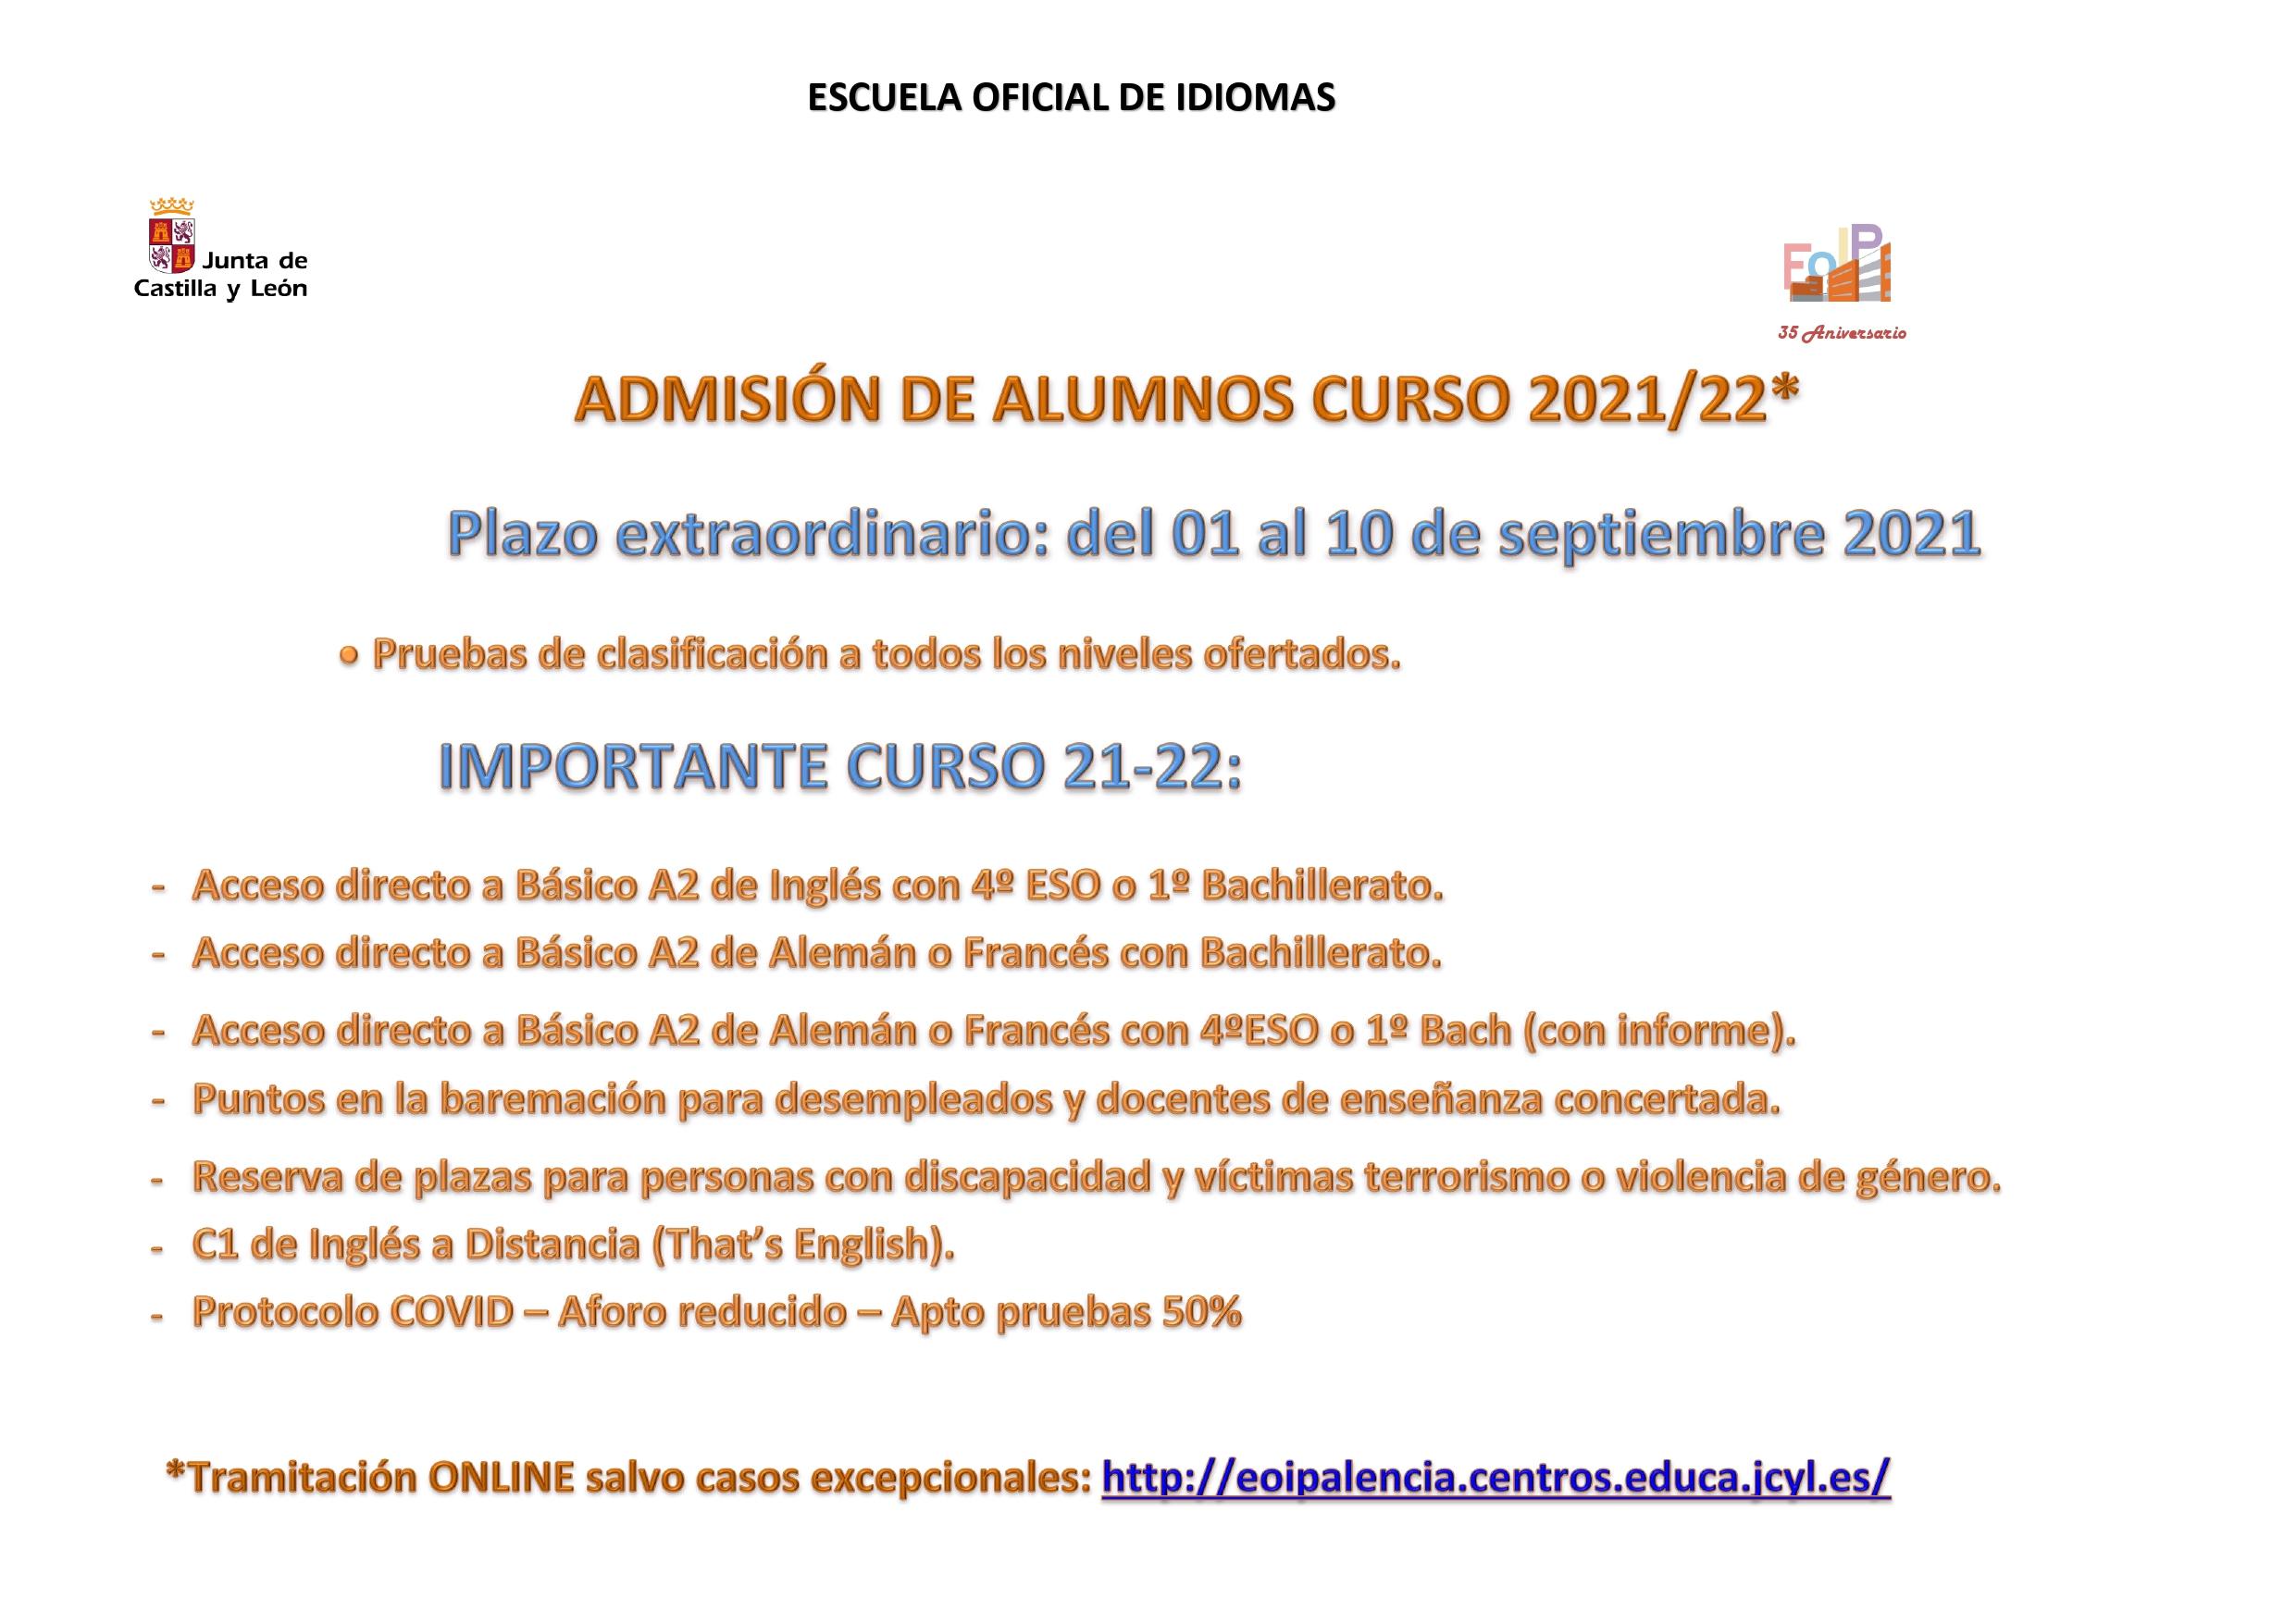 ADMISION ESCUELA OFICIAL DE IDIOMAS